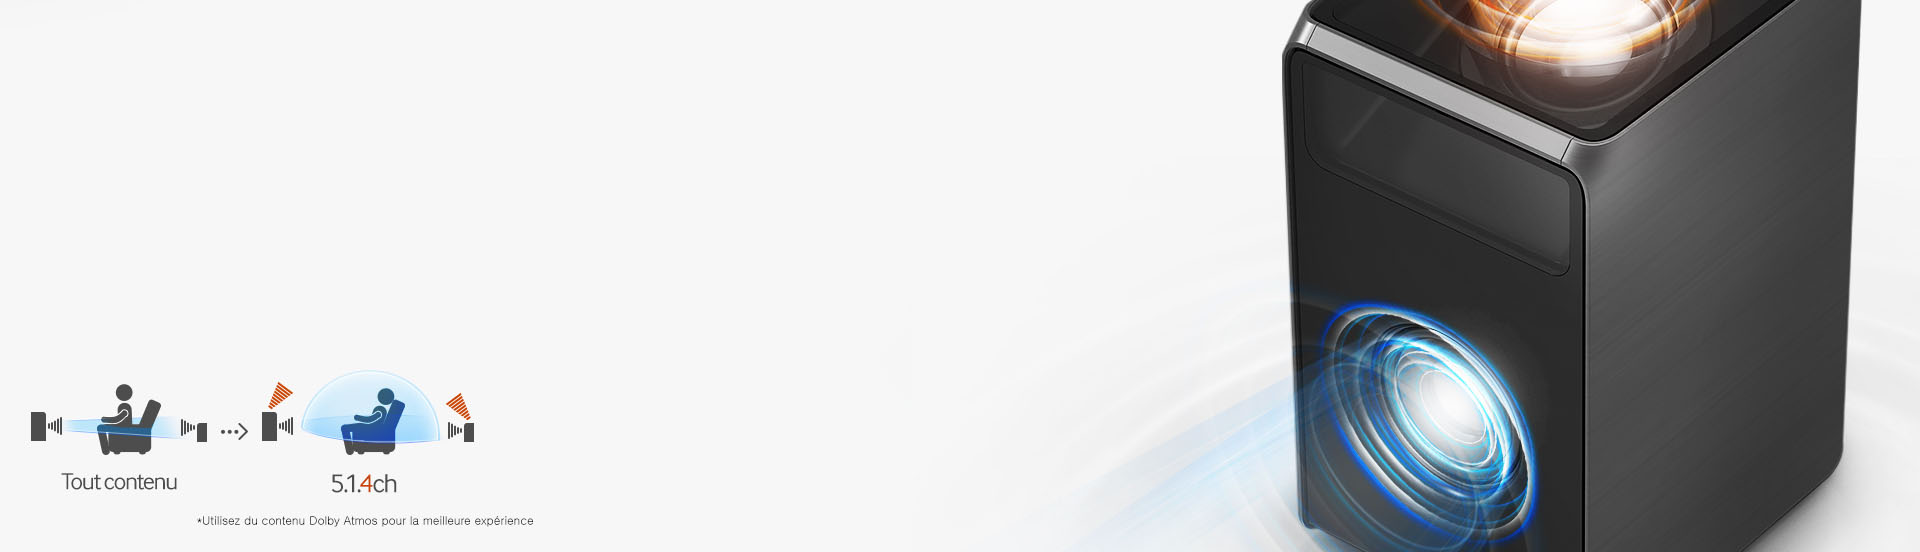 Surround Sound Expansion Plus de la barre de son Samsung HW-K950